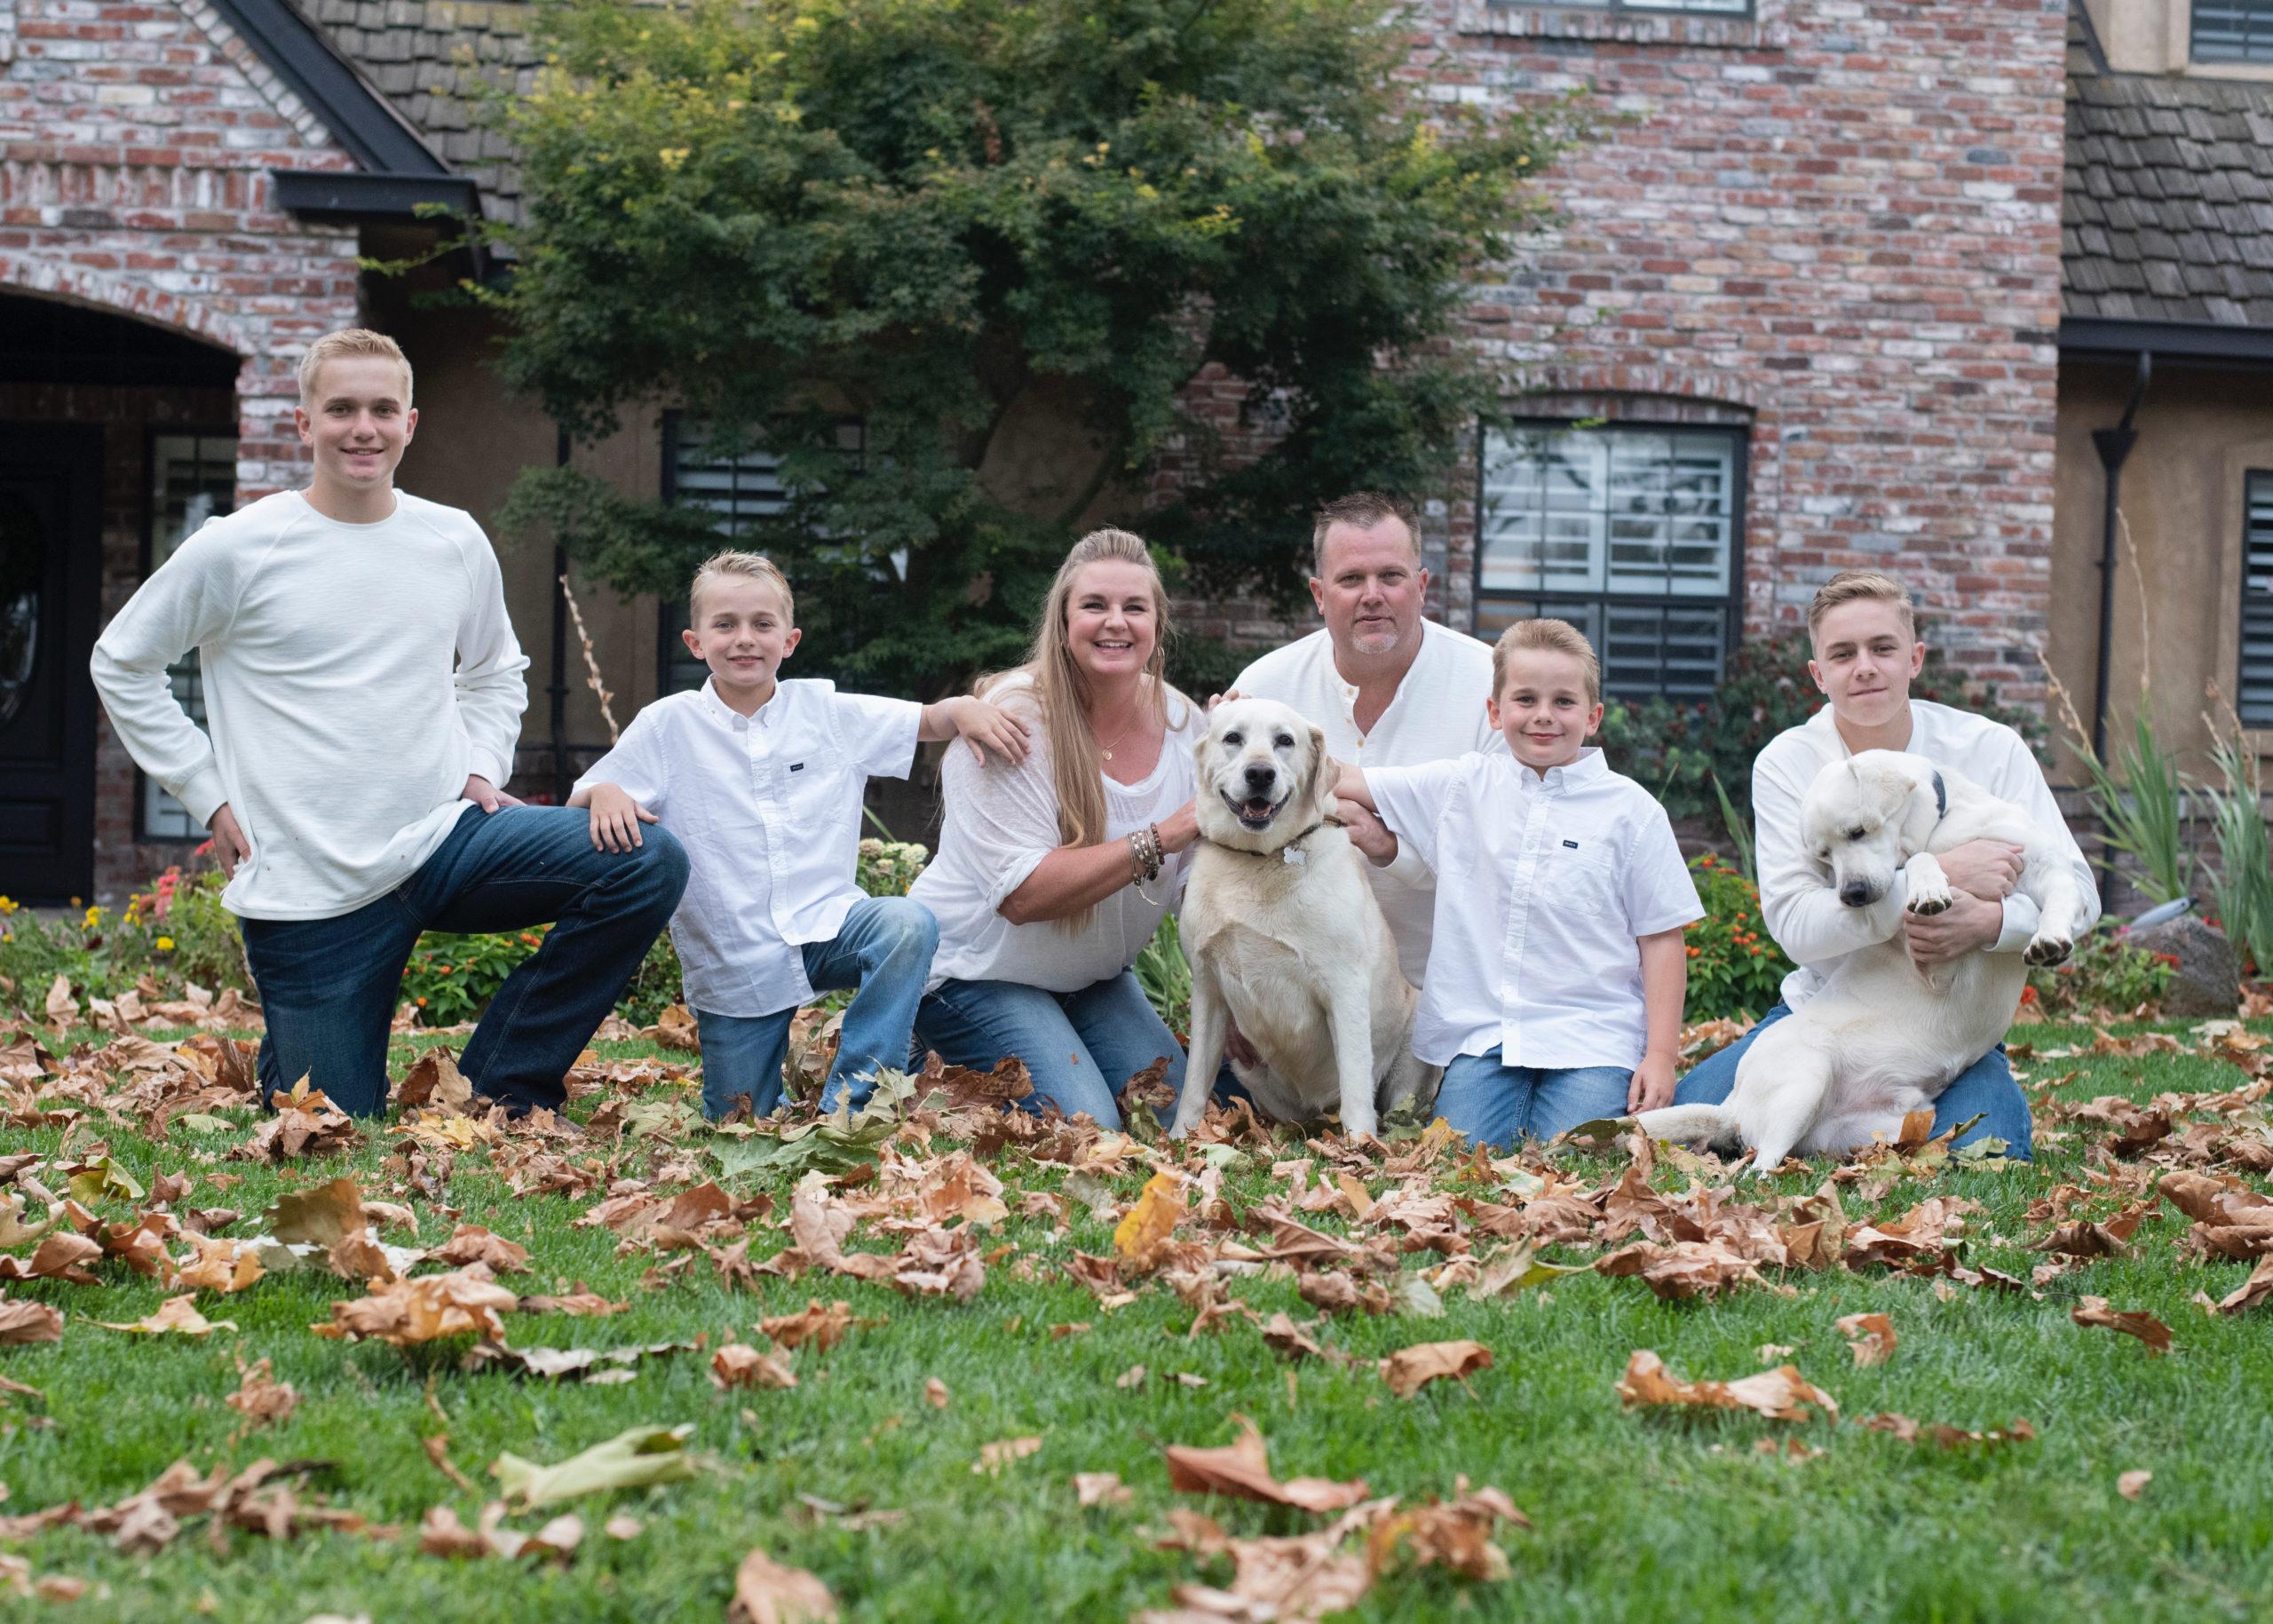 Dan Davis and his family